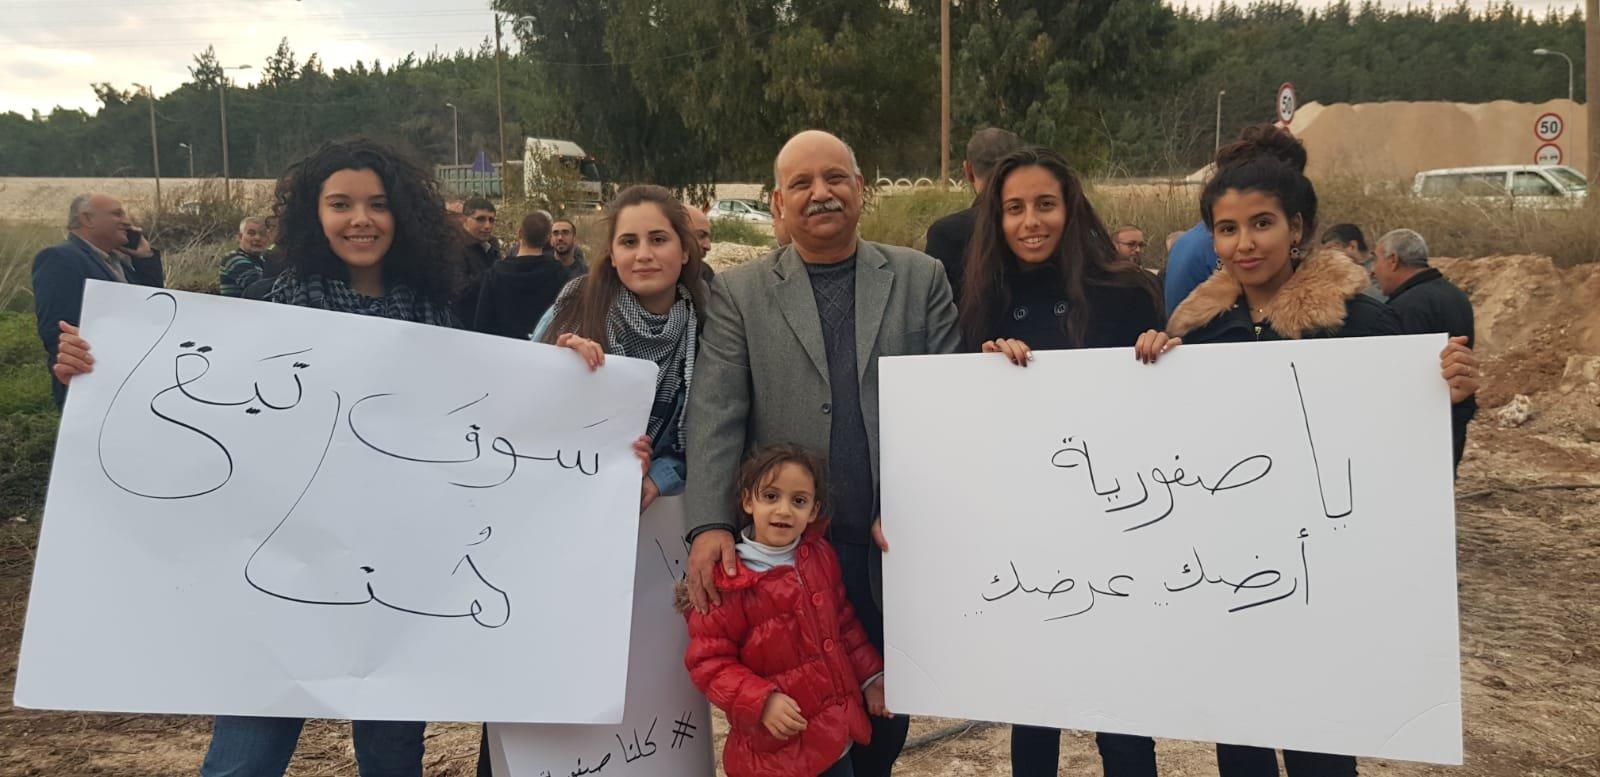 السبت المقبل: أهالي صفورية ينظمون وقفة احتجاجية ضد هدم نبع  الحنانة